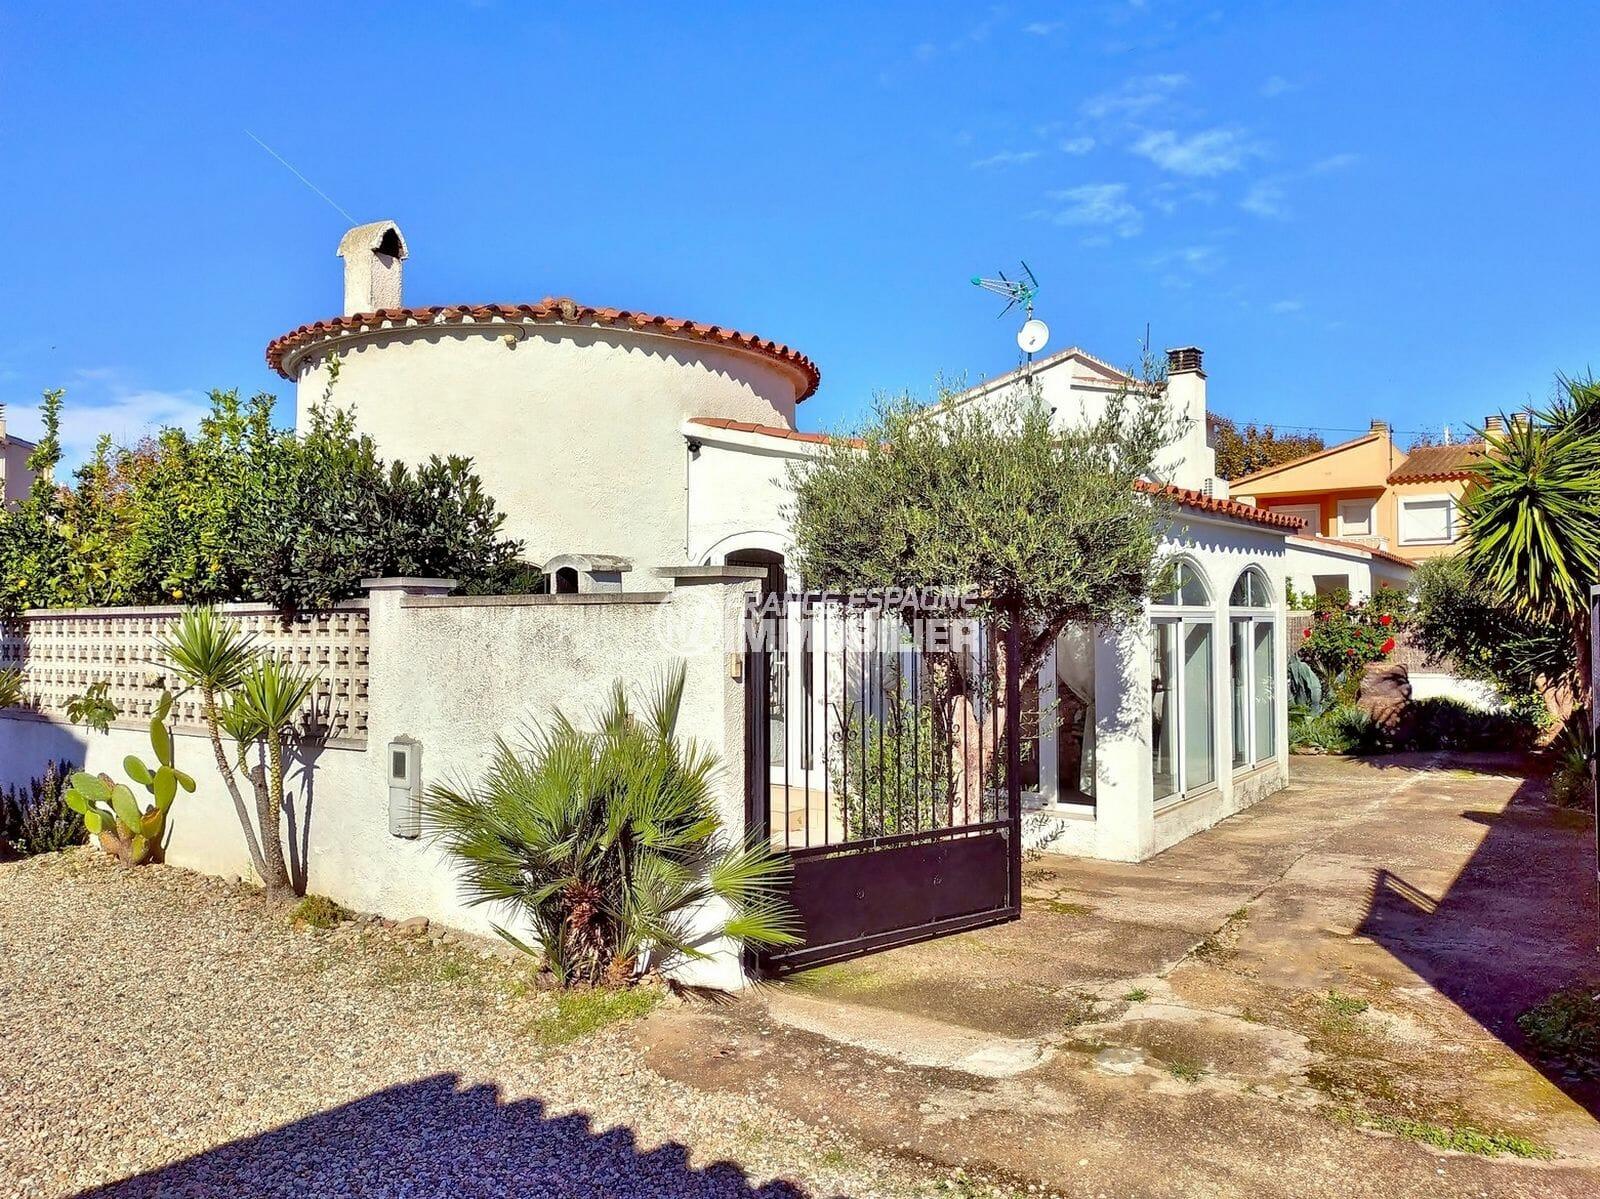 immobilier empuriabrava: villa plain-pied dans secteur prisé, possibilité piscine